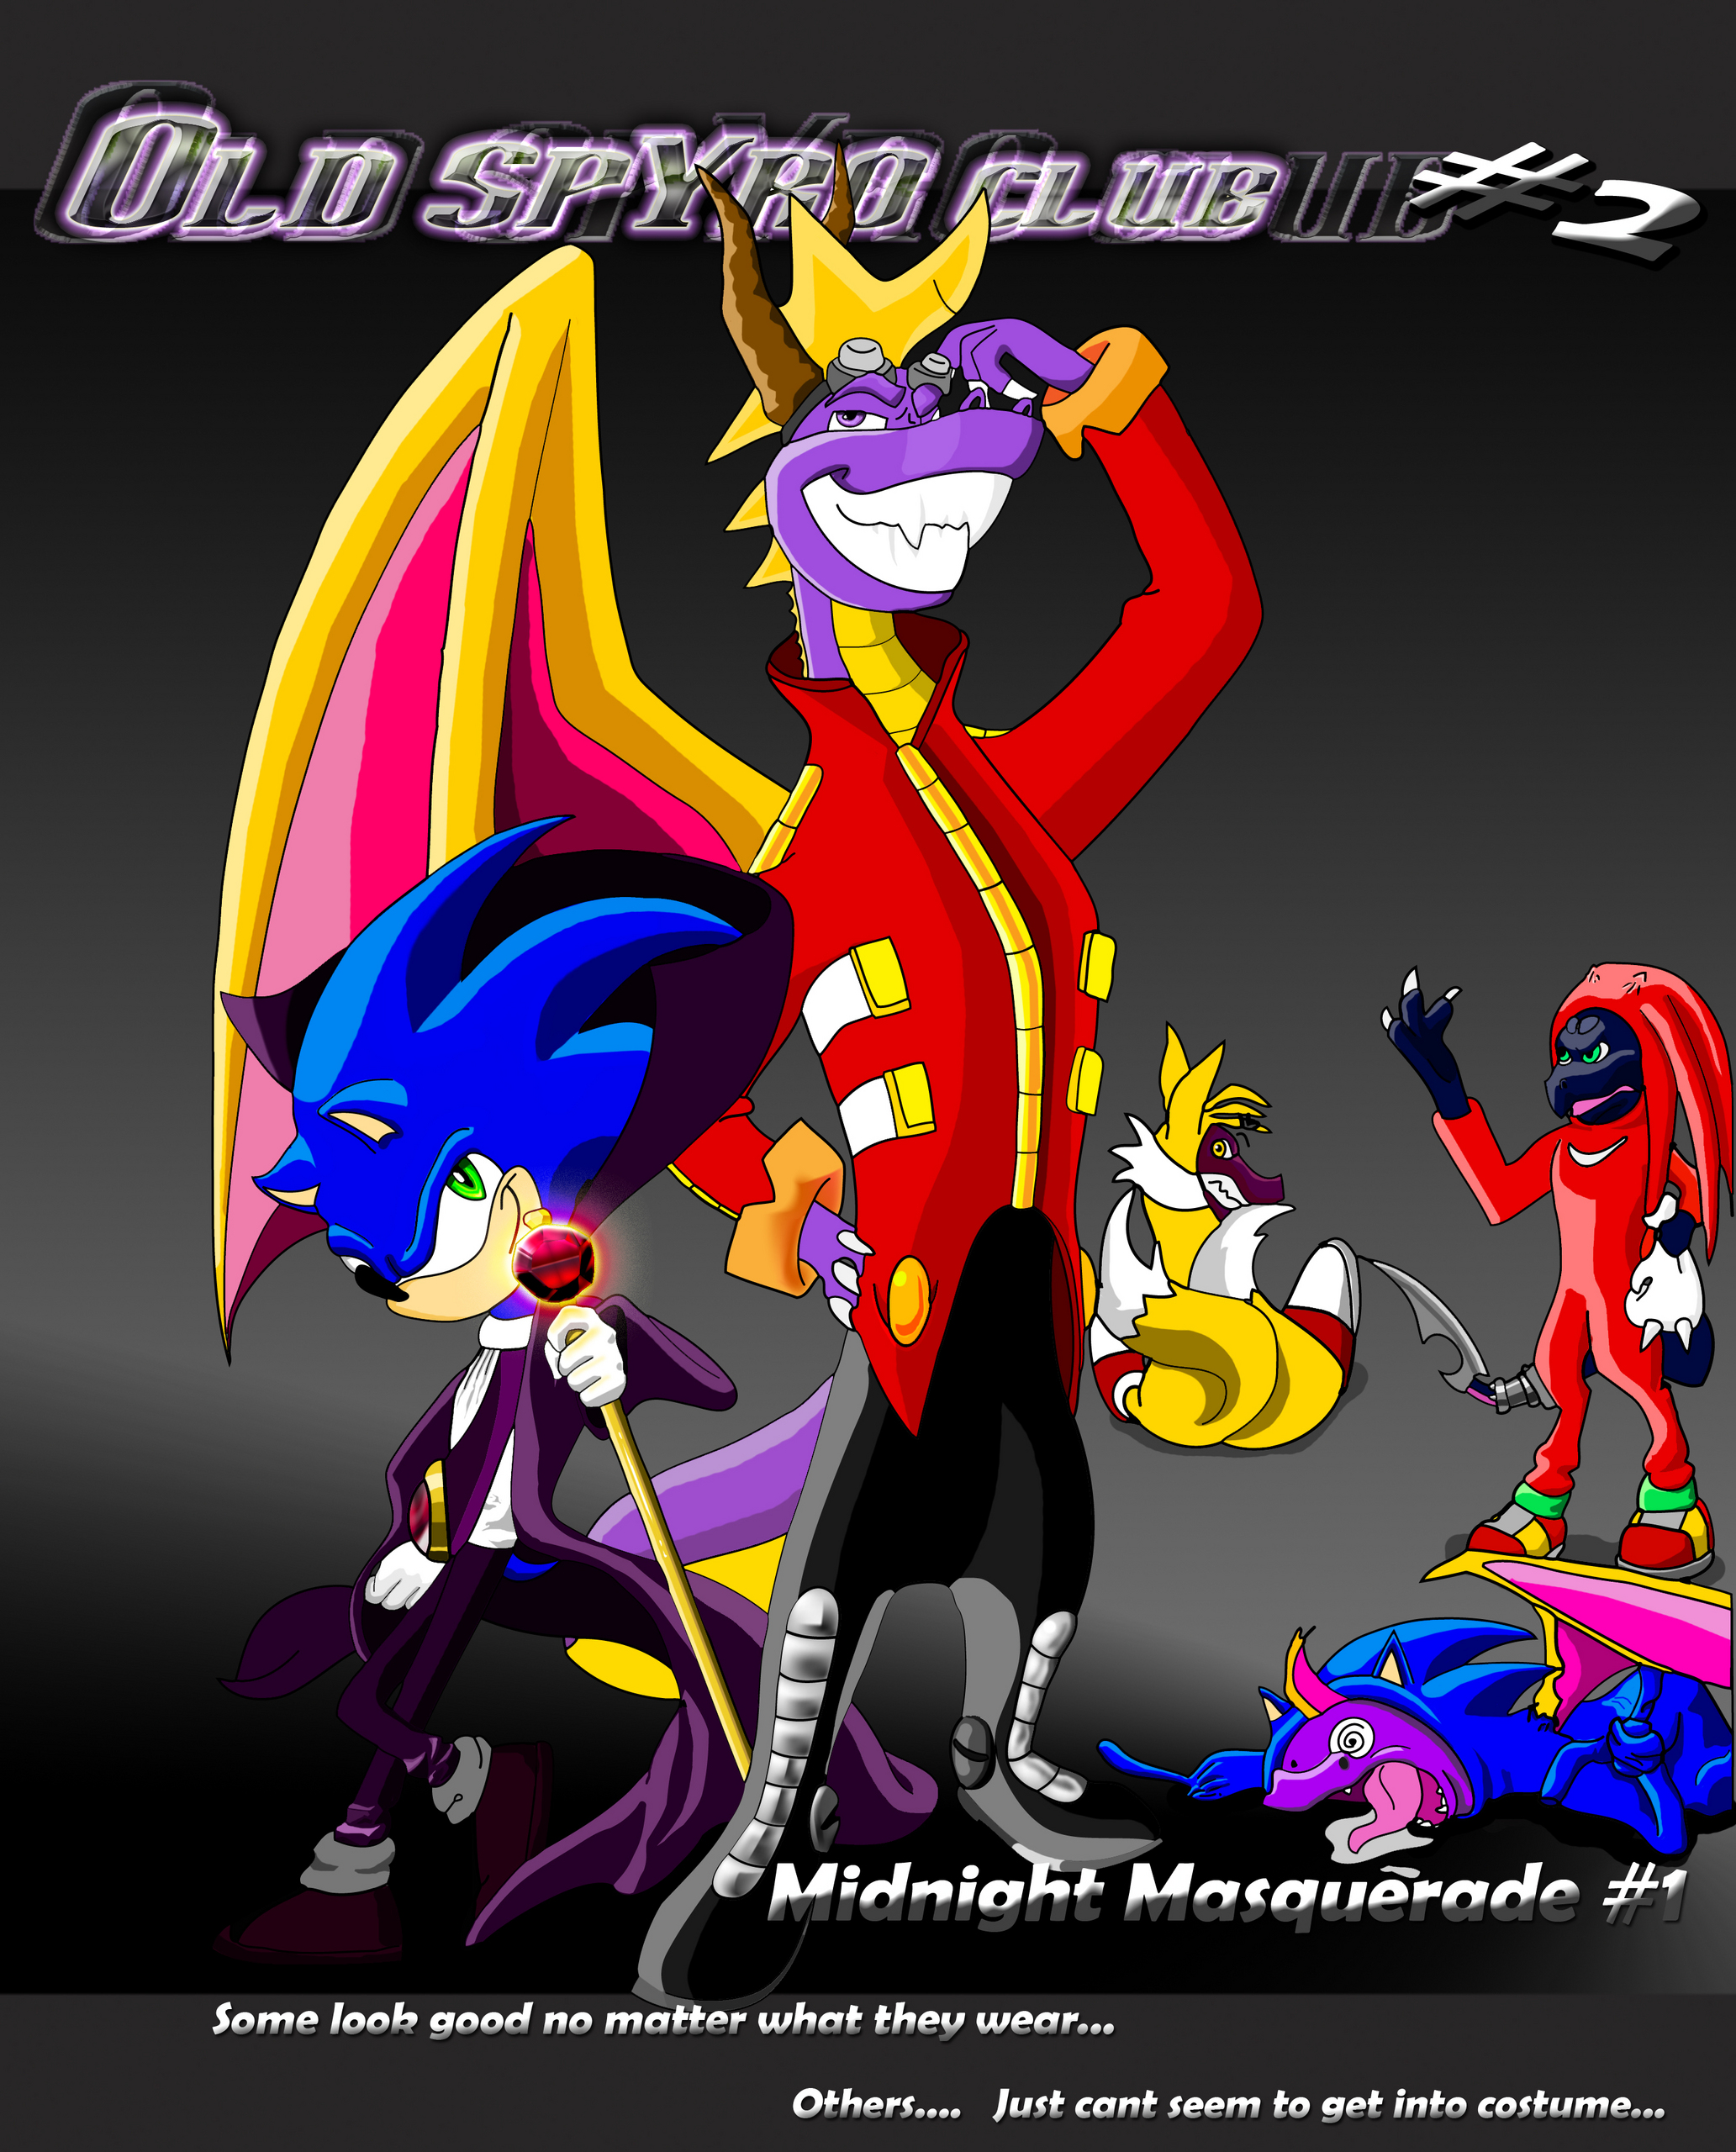 OSC of deviantArt: Midnight Masquerade